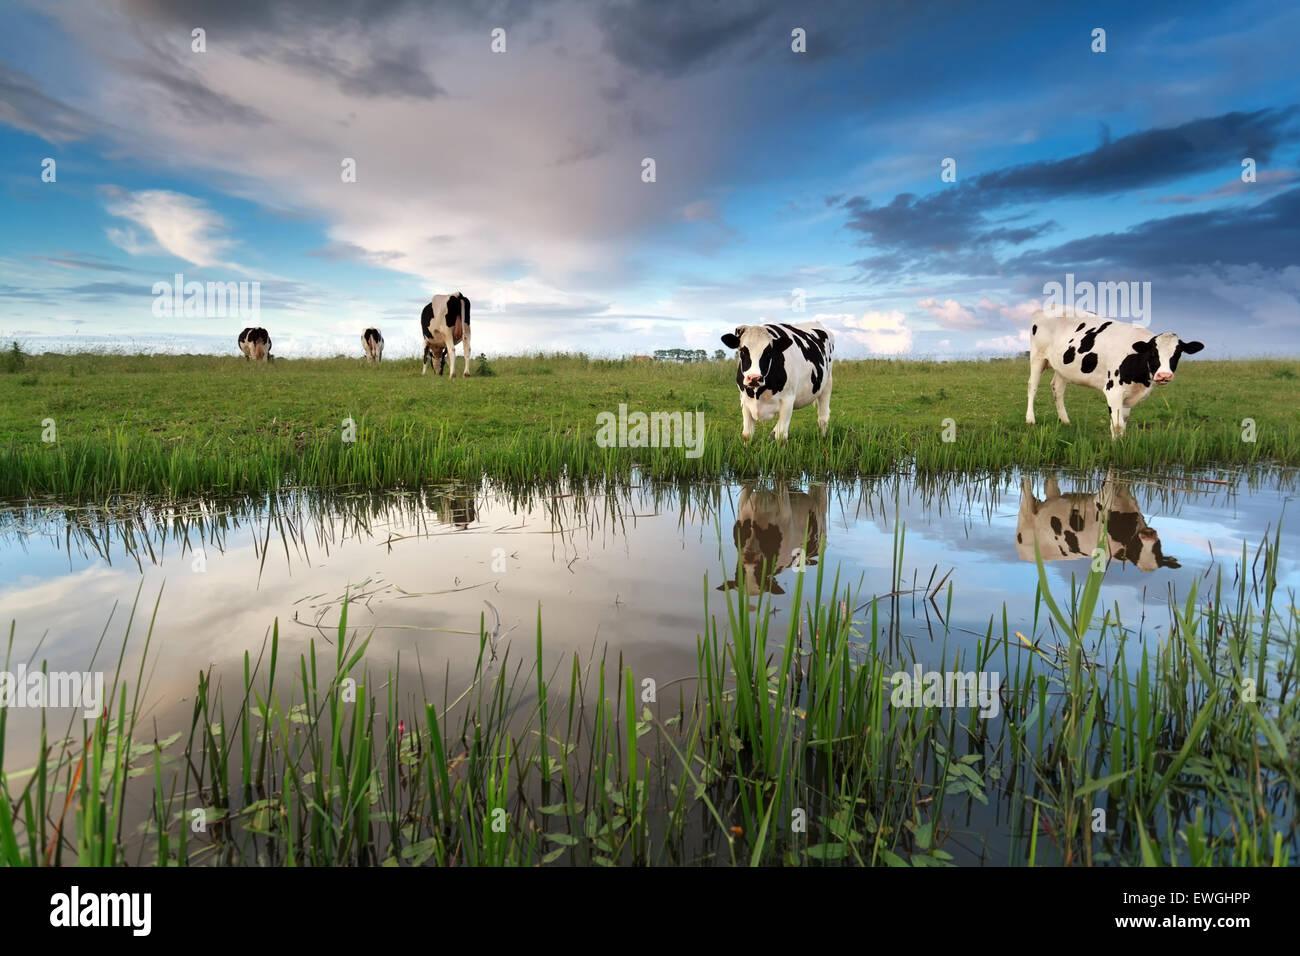 Las vacas en la pradera por el río a lo largo de sunset sky Imagen De Stock